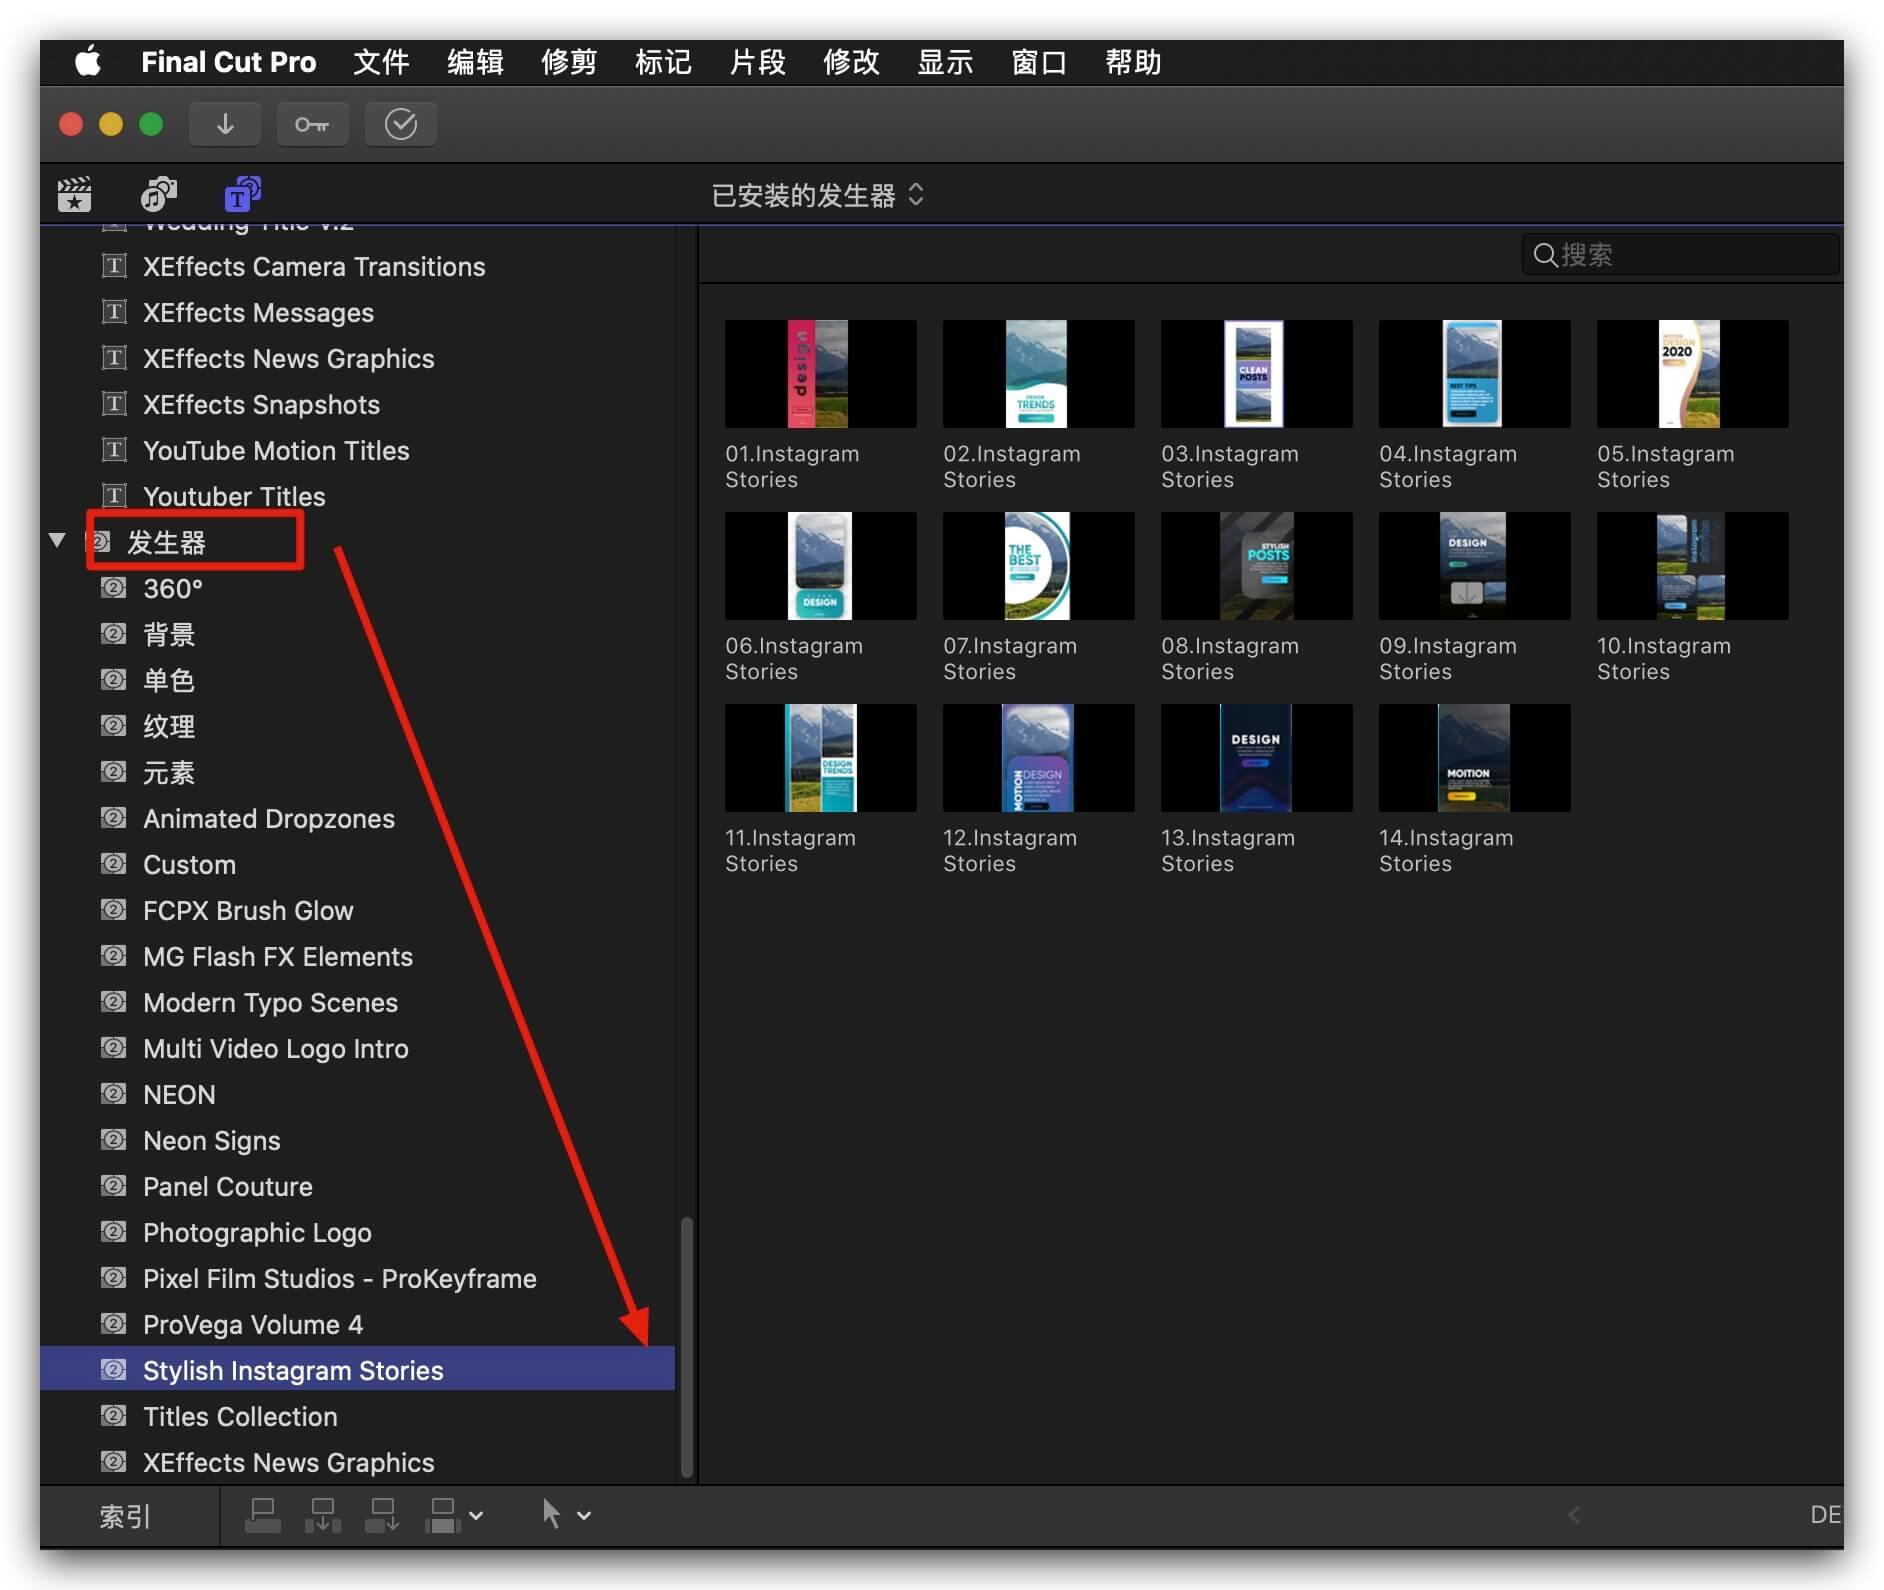 Fcpx手机竖屏模板 13组简约时尚写真短视频插件适用抖音快手等